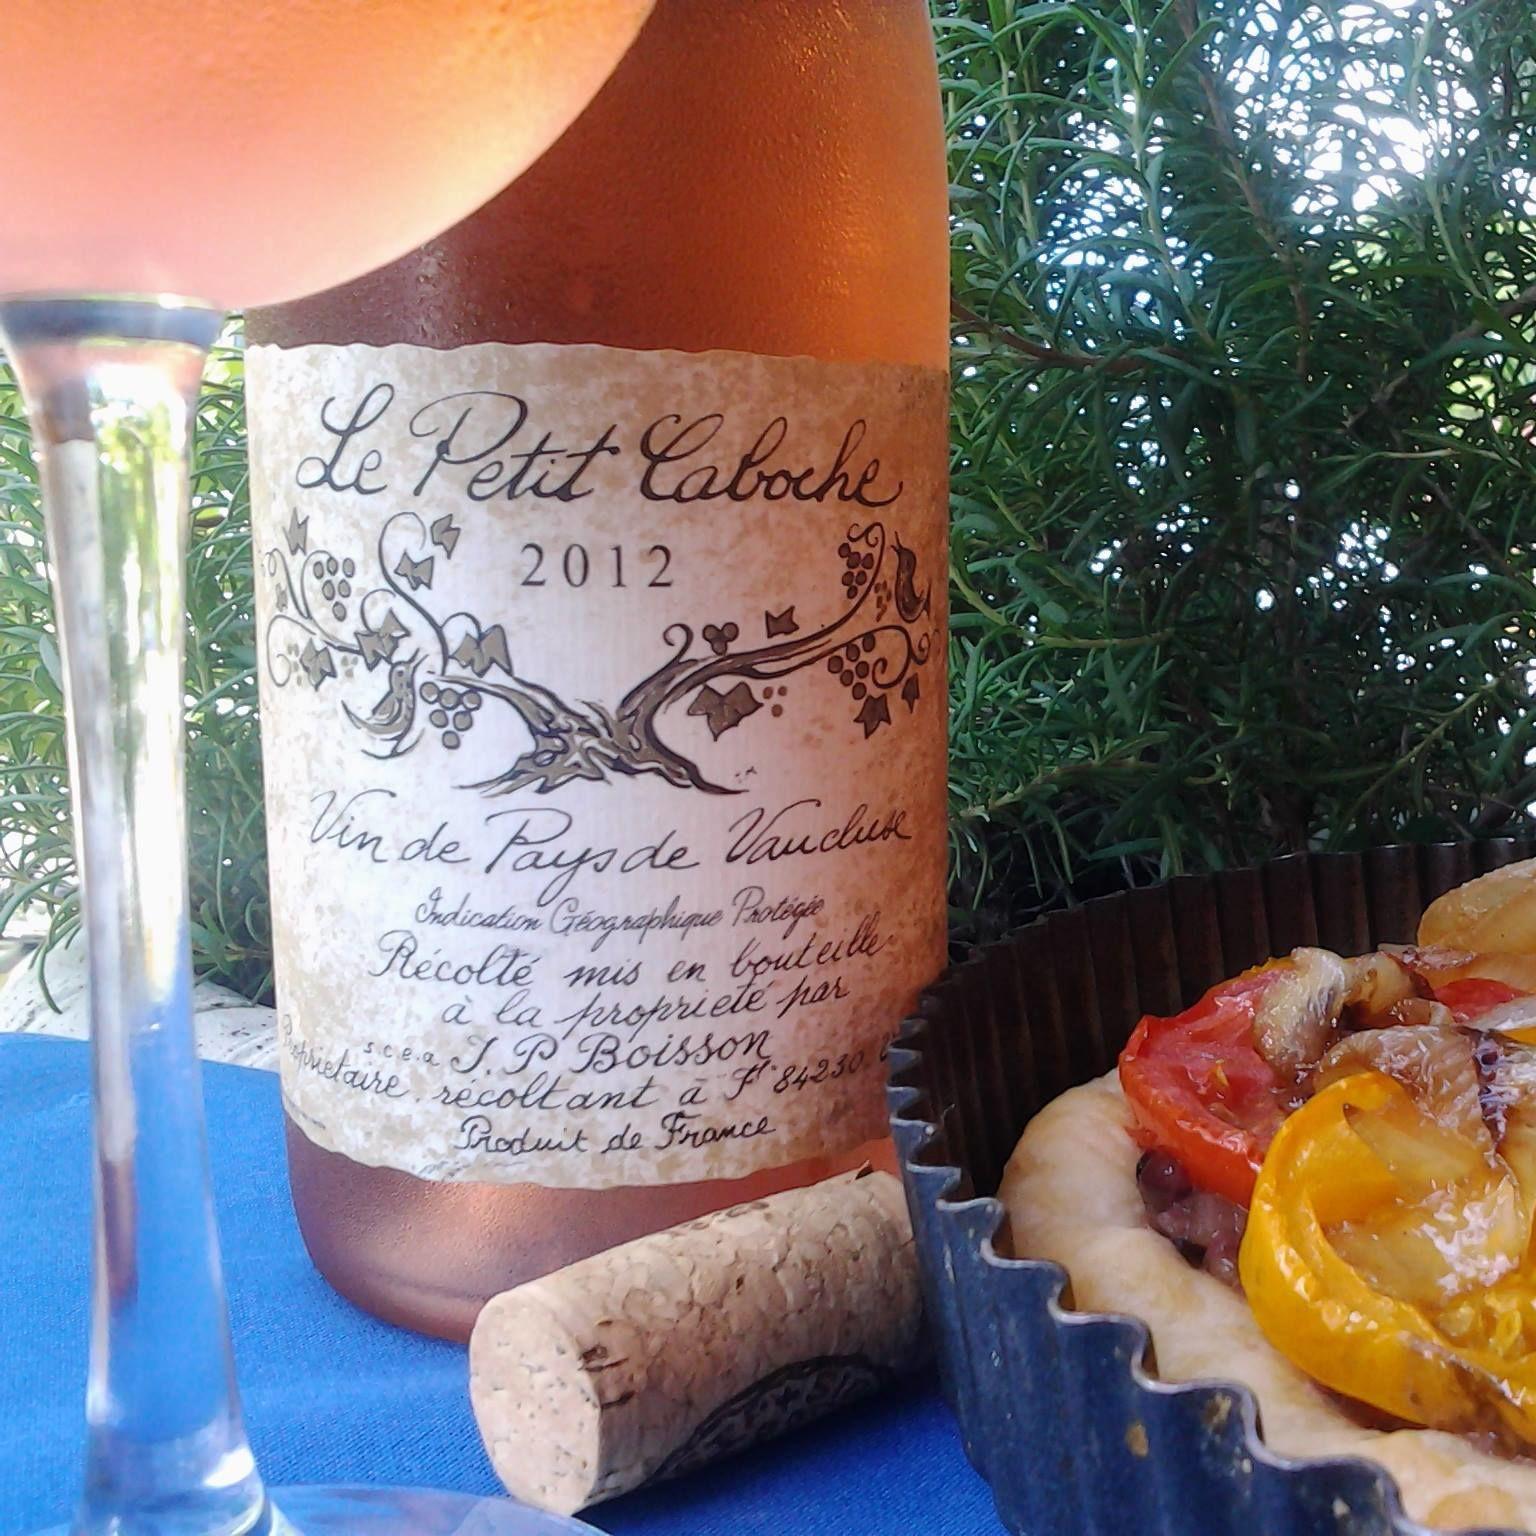 Bistro provence wine lmpf7r